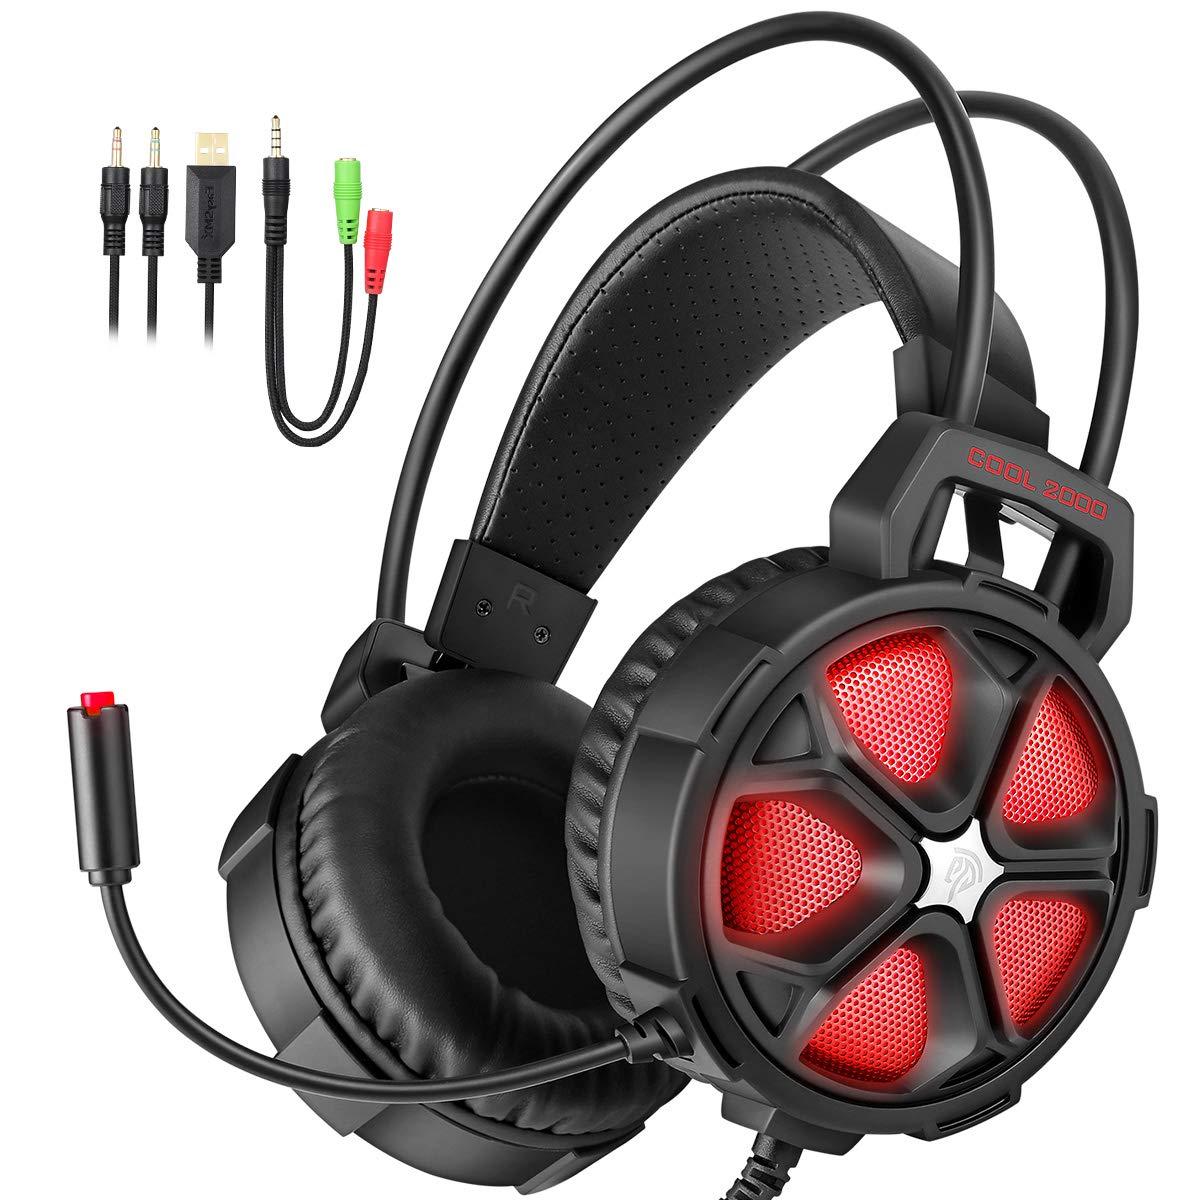 EasySMX G1200 Auriculares para PS4, Cascos con Micró fono Ajustable y Control de Volumen y una Tecla Mute Compatible con PS4/ PC/Laptop/ Mó vil/Pad (Azul) para Jugadores 49-0020